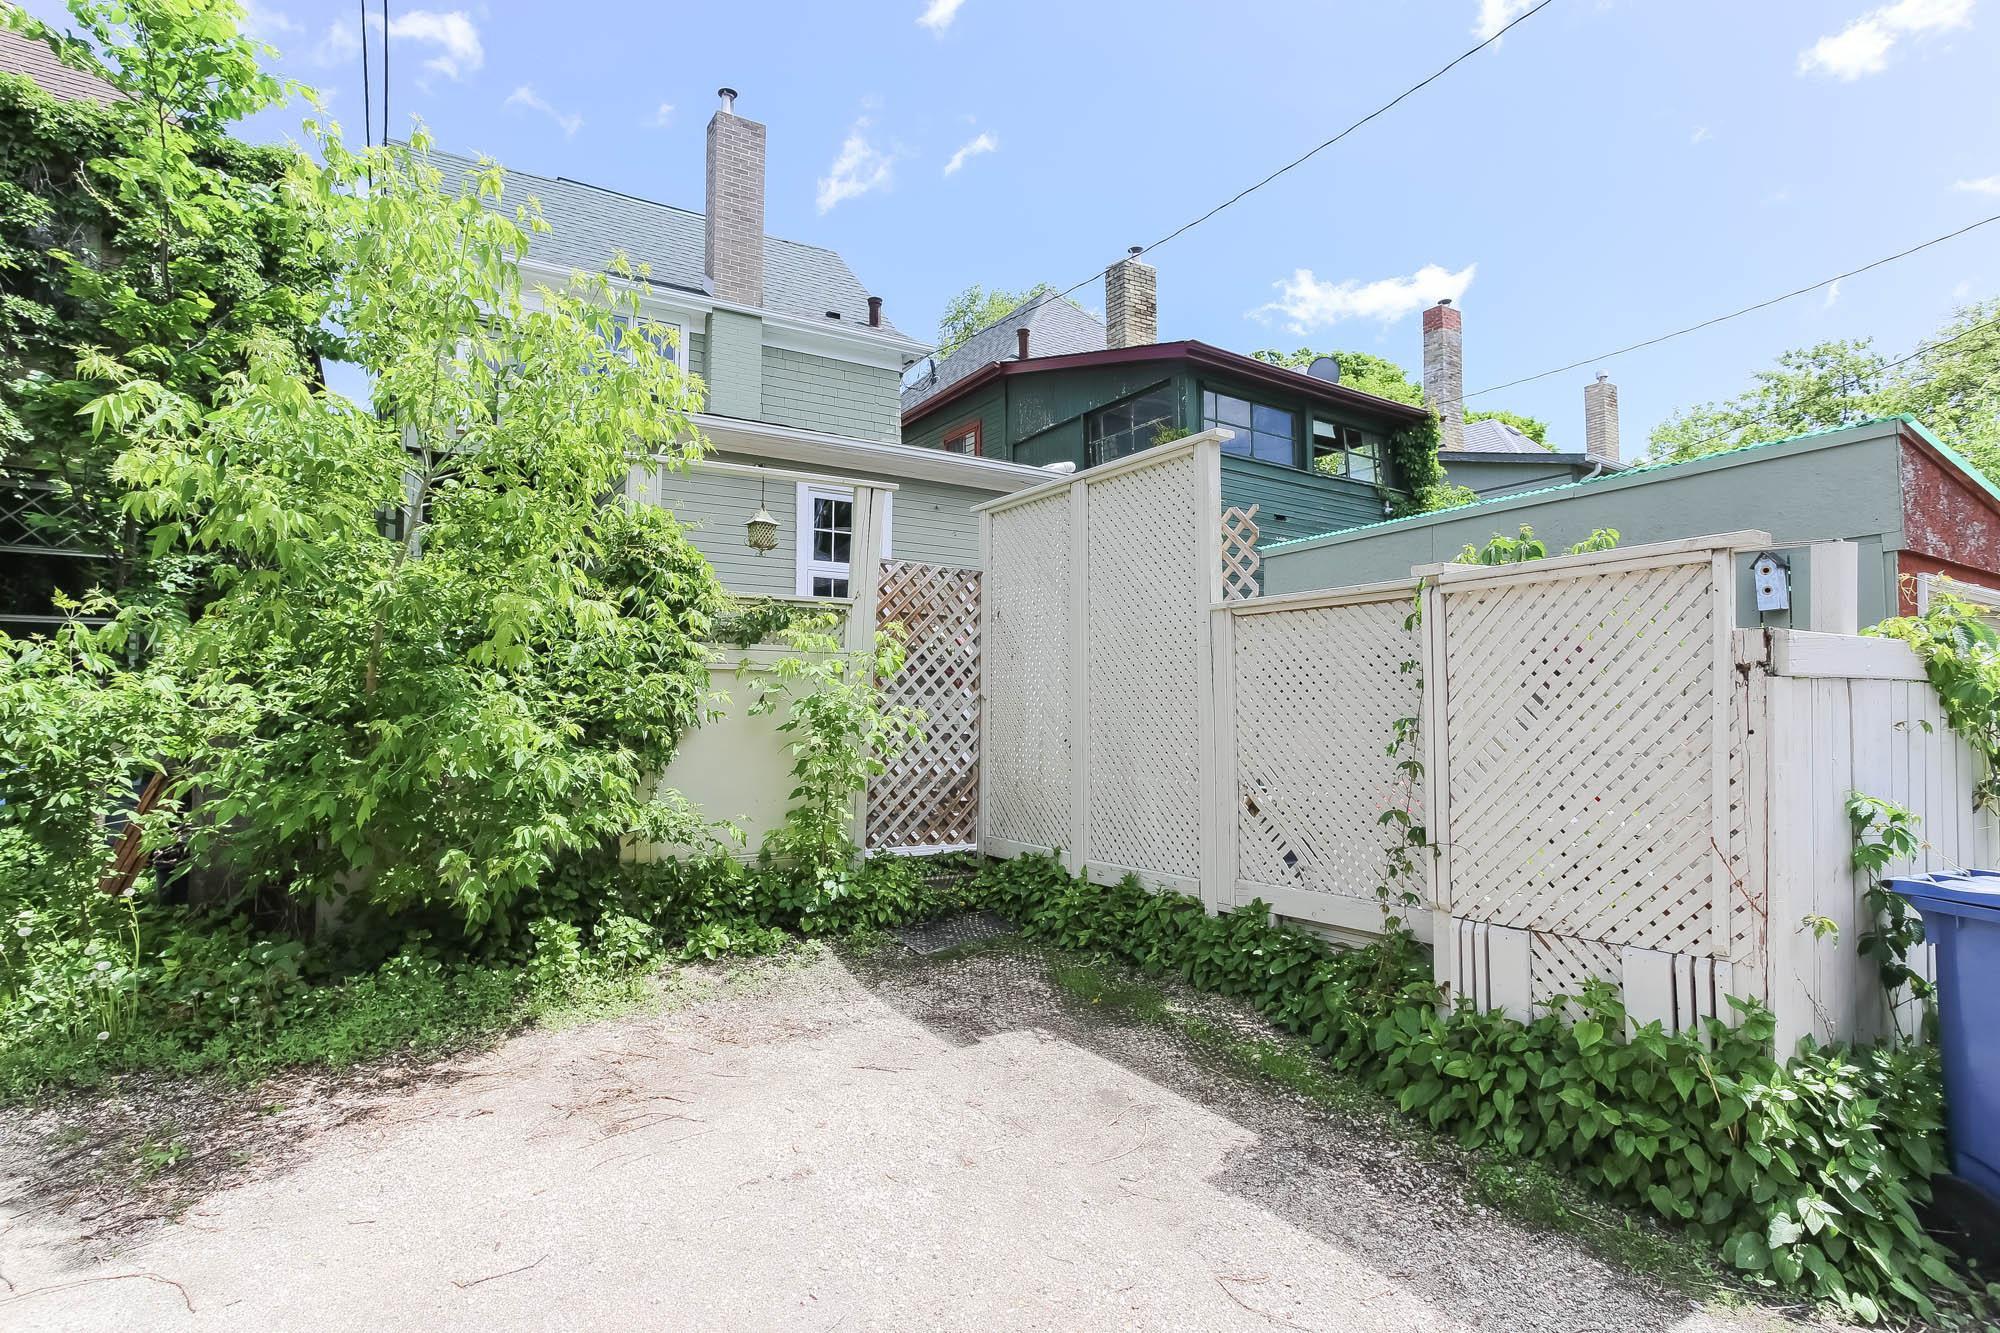 Photo 40: Photos: 108 LENORE Street in Winnipeg: Wolseley Single Family Detached for sale (5B)  : MLS®# 202013079